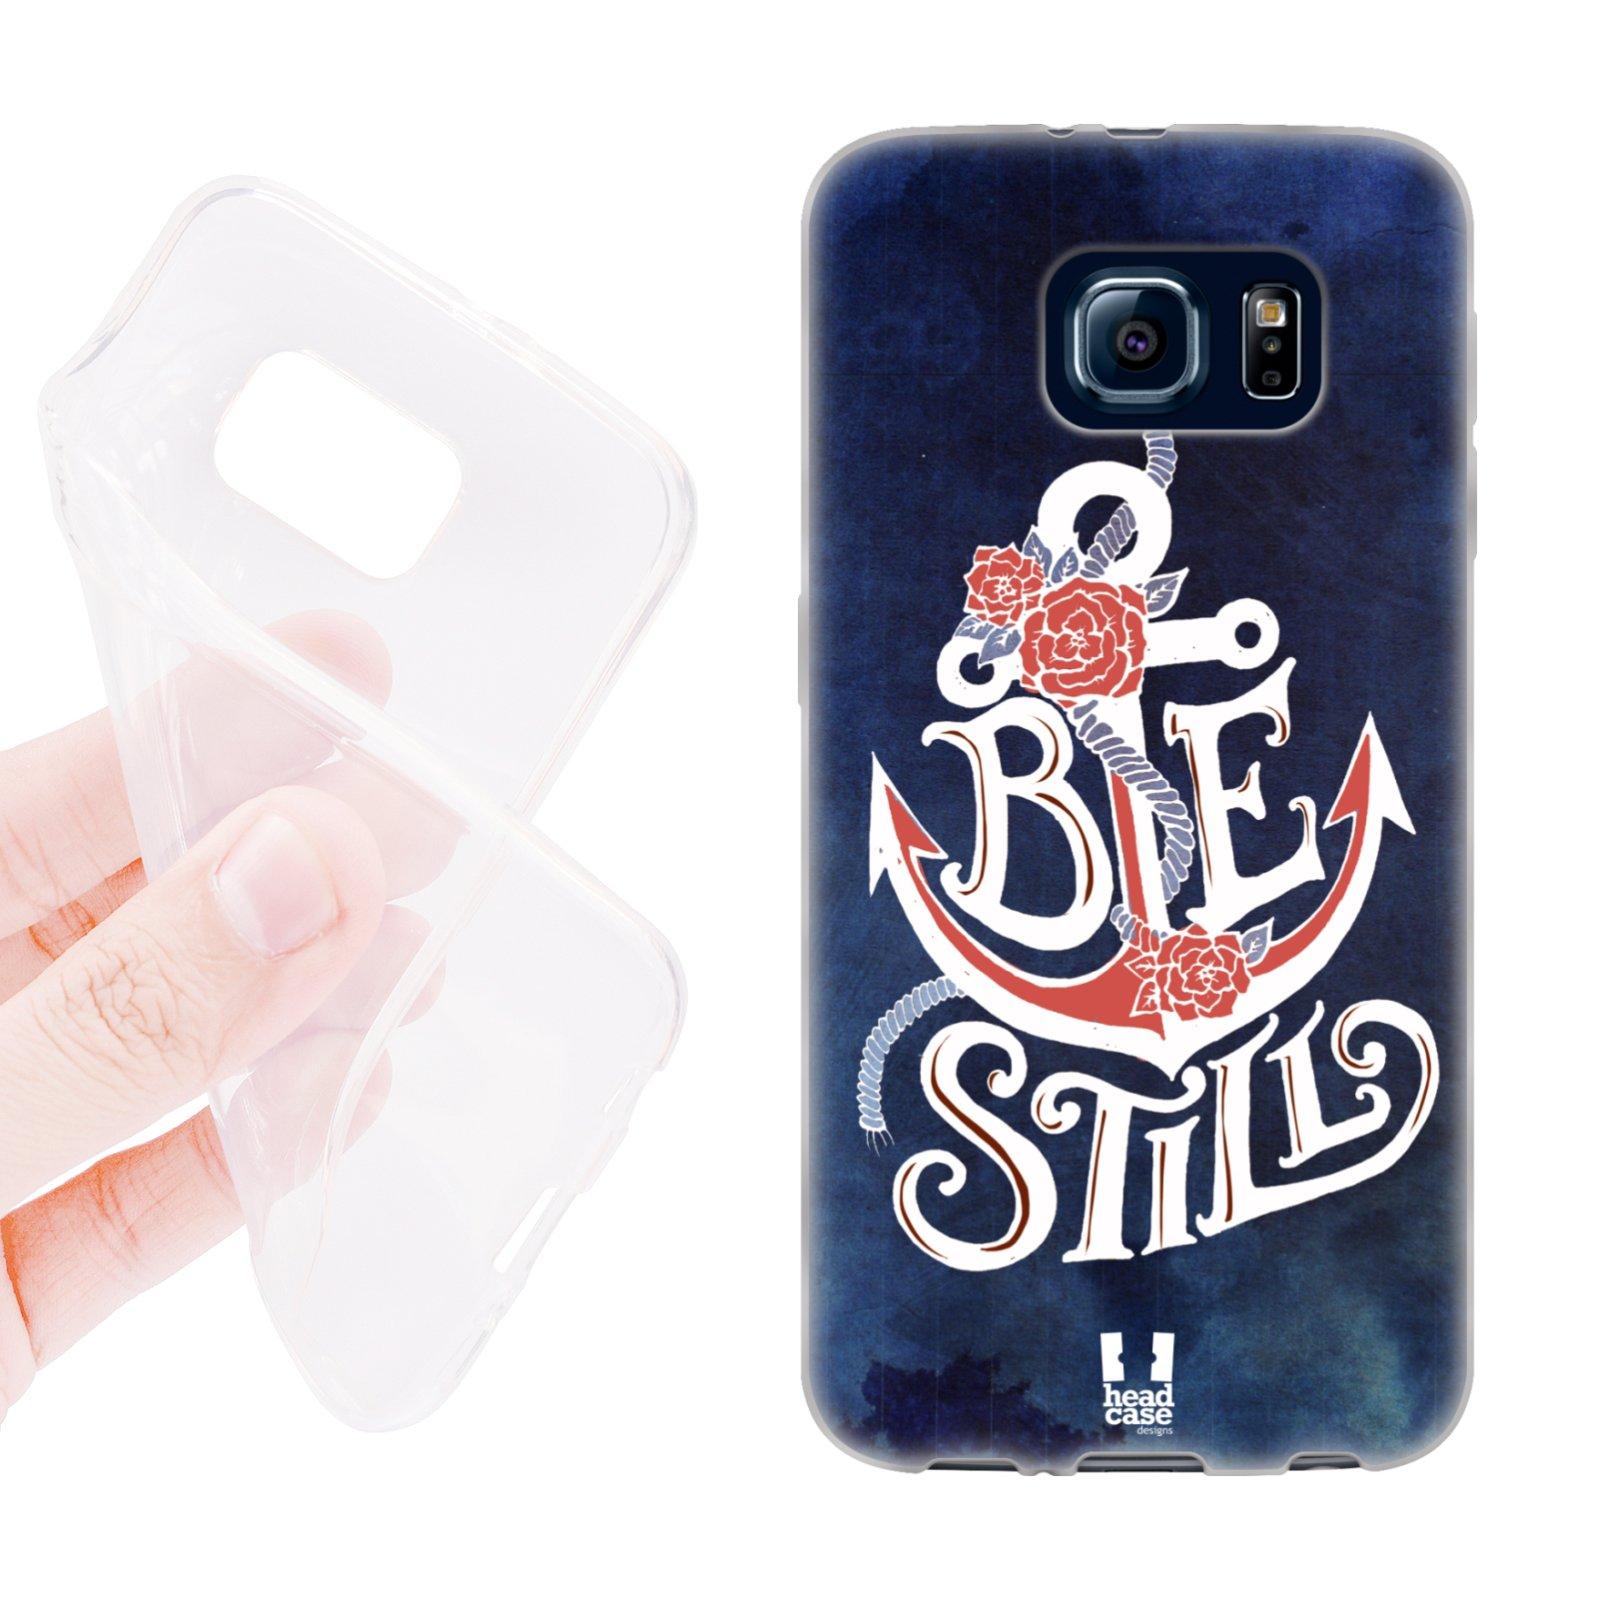 HEAD CASE silikonový obal na mobil Samsung galaxy S6 kotva modrá